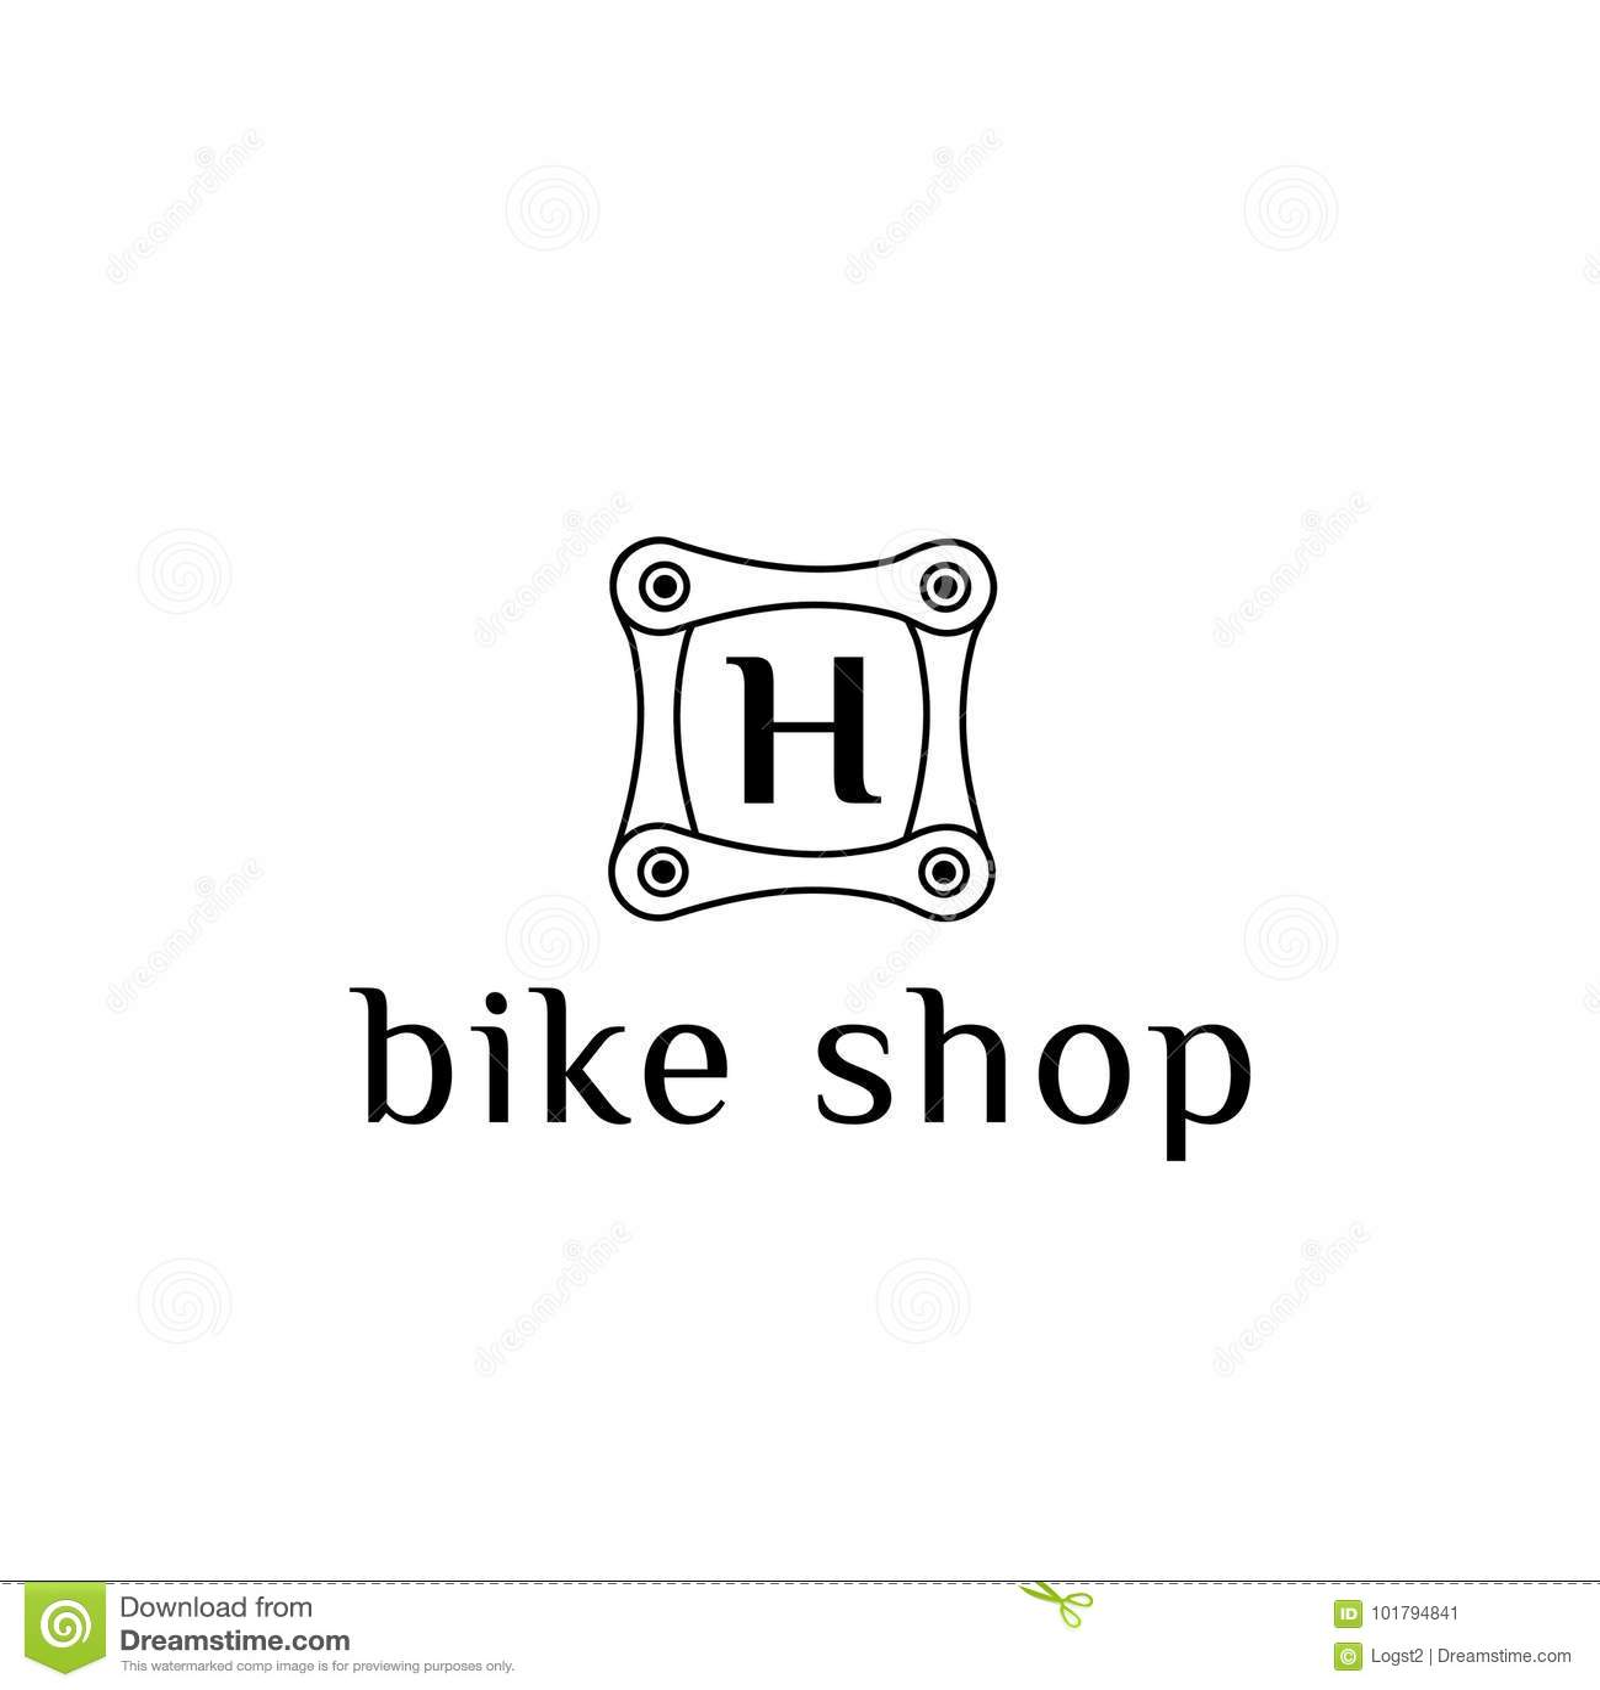 Bike Part Vector Logo For Bike Shop Letter H Stock Vector